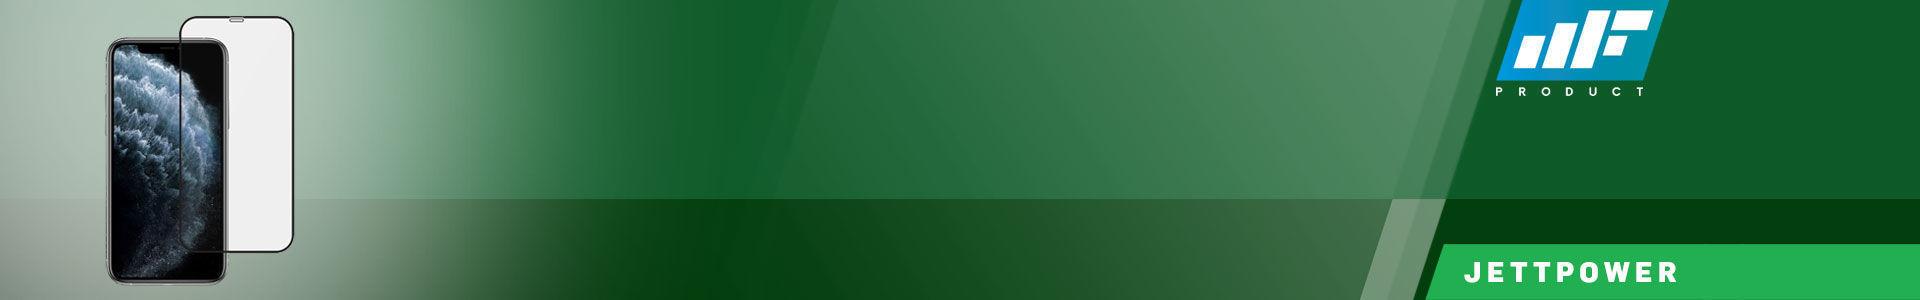 MF Product Jettpower 0392 Premium Ekran Koruyucu Cam iPhone Xs Max / 11 Pro Max için en doğru adrestesin!